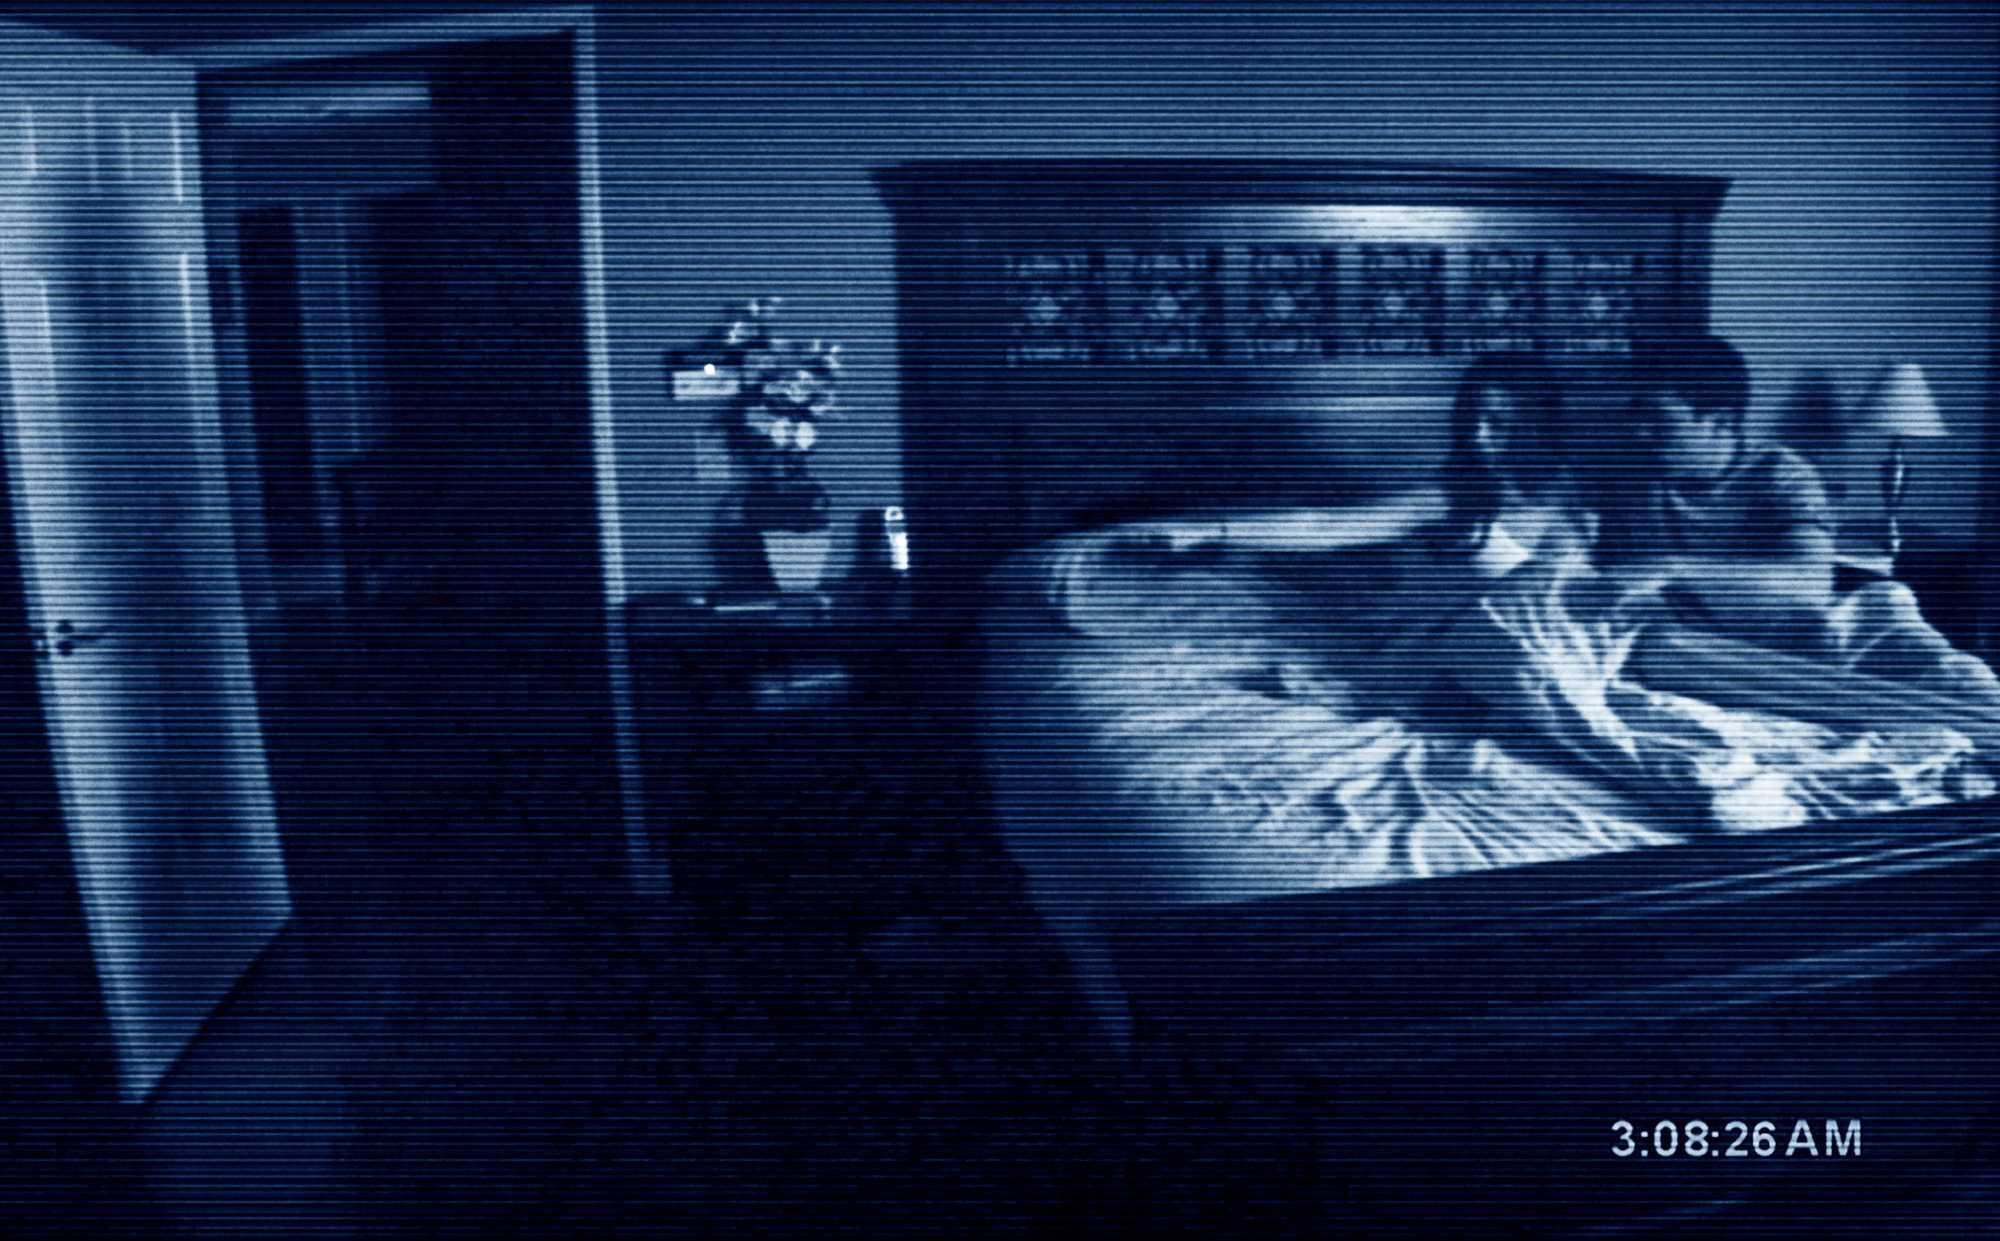 Filmes Mais Assustadores do Cinema de Buteco – Atividade Paranormal